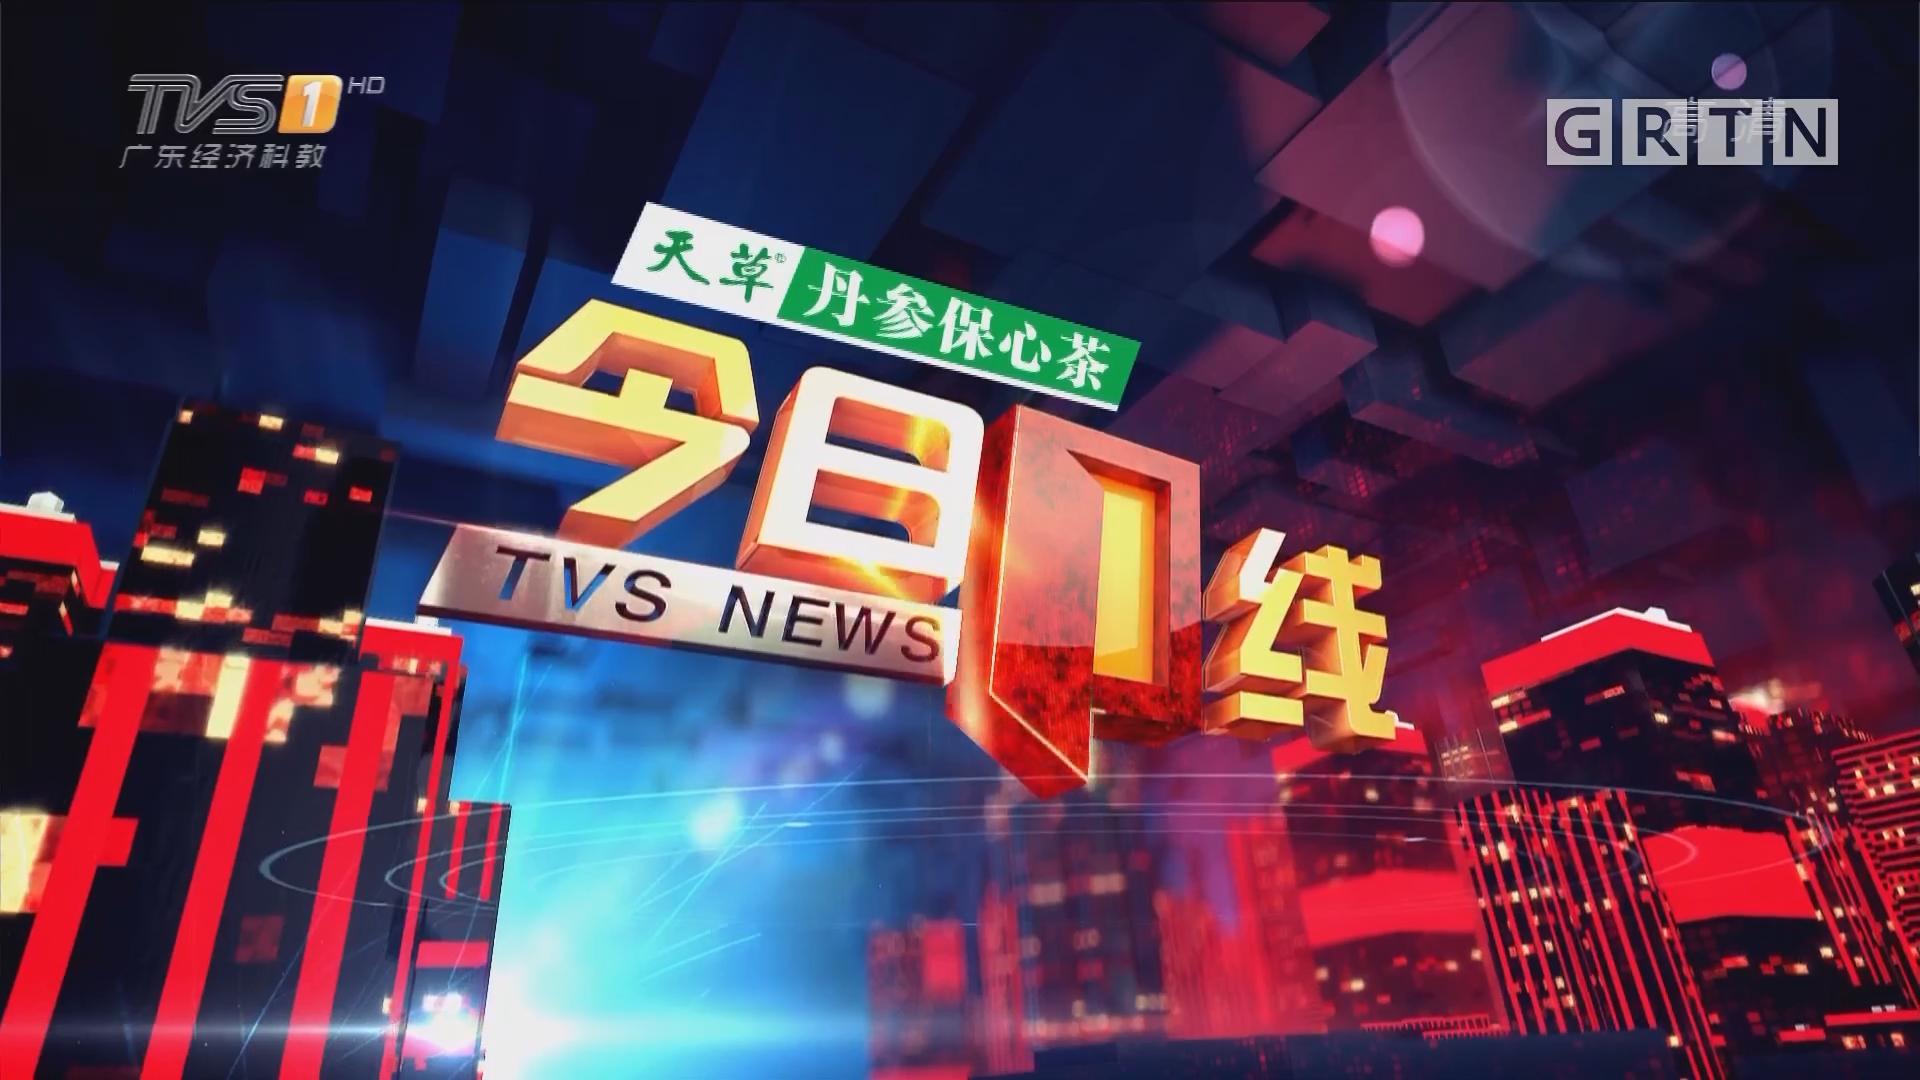 [HD][2018-02-14]今日一线:今夜最新:广东交通监控中心 省内交通繁忙 机场高速车流量大